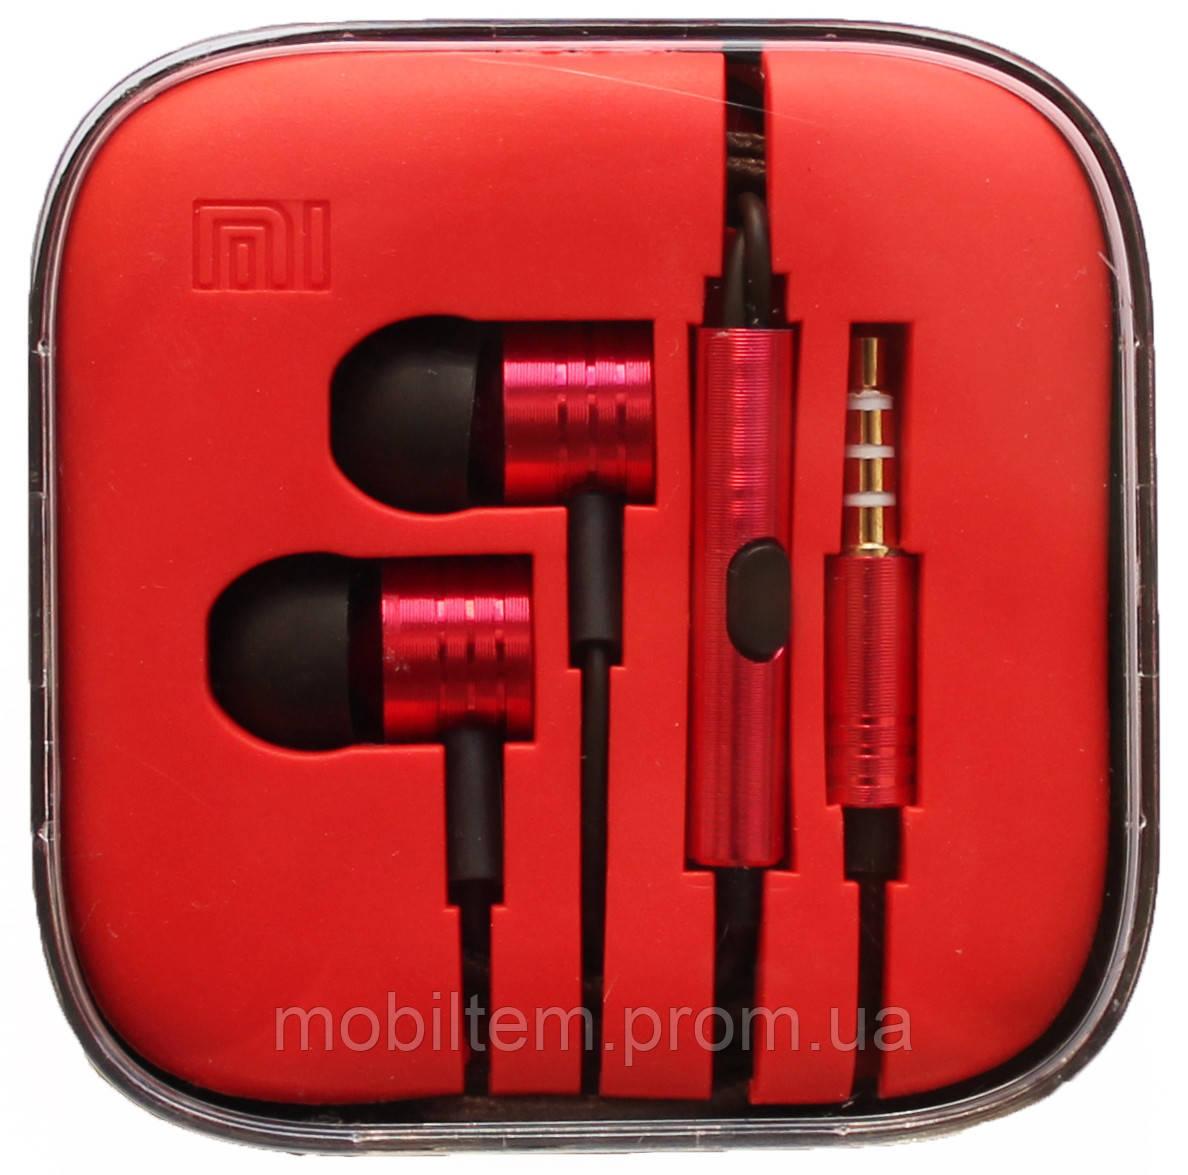 Наушники Xiaomi Piston 2 Red copy  продажа 366ceeb24c726